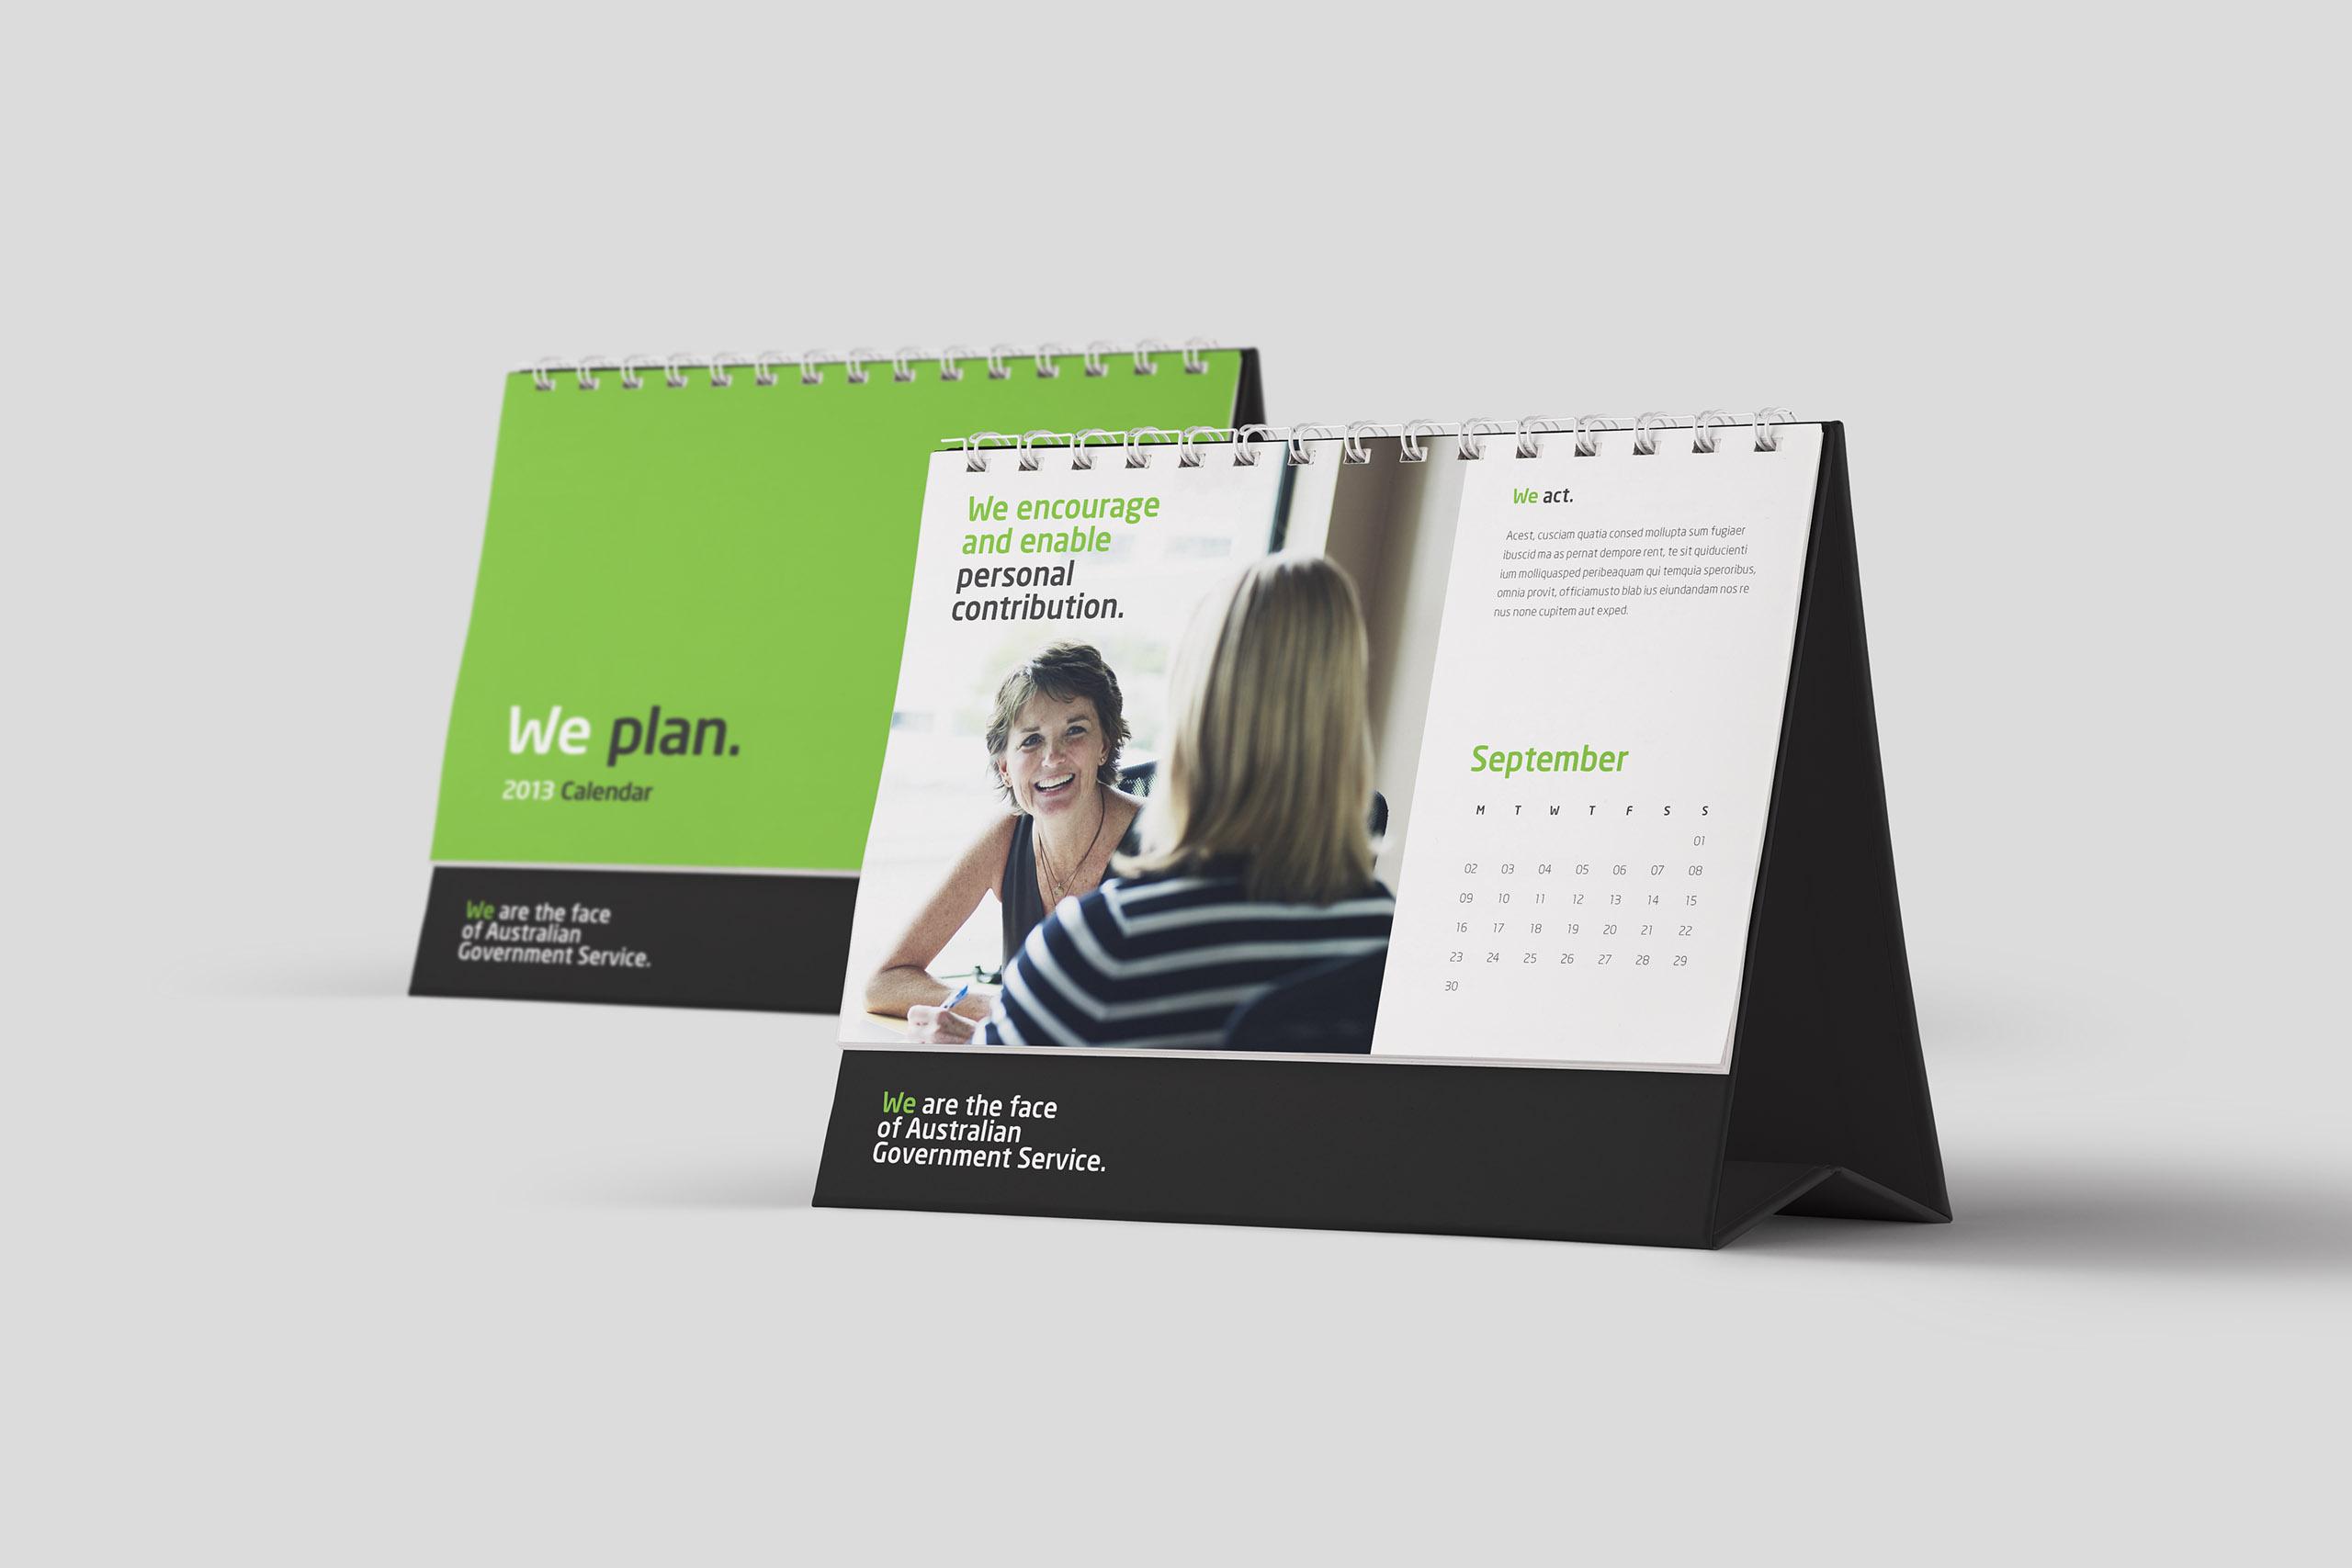 dhs-desk-calendar-2up